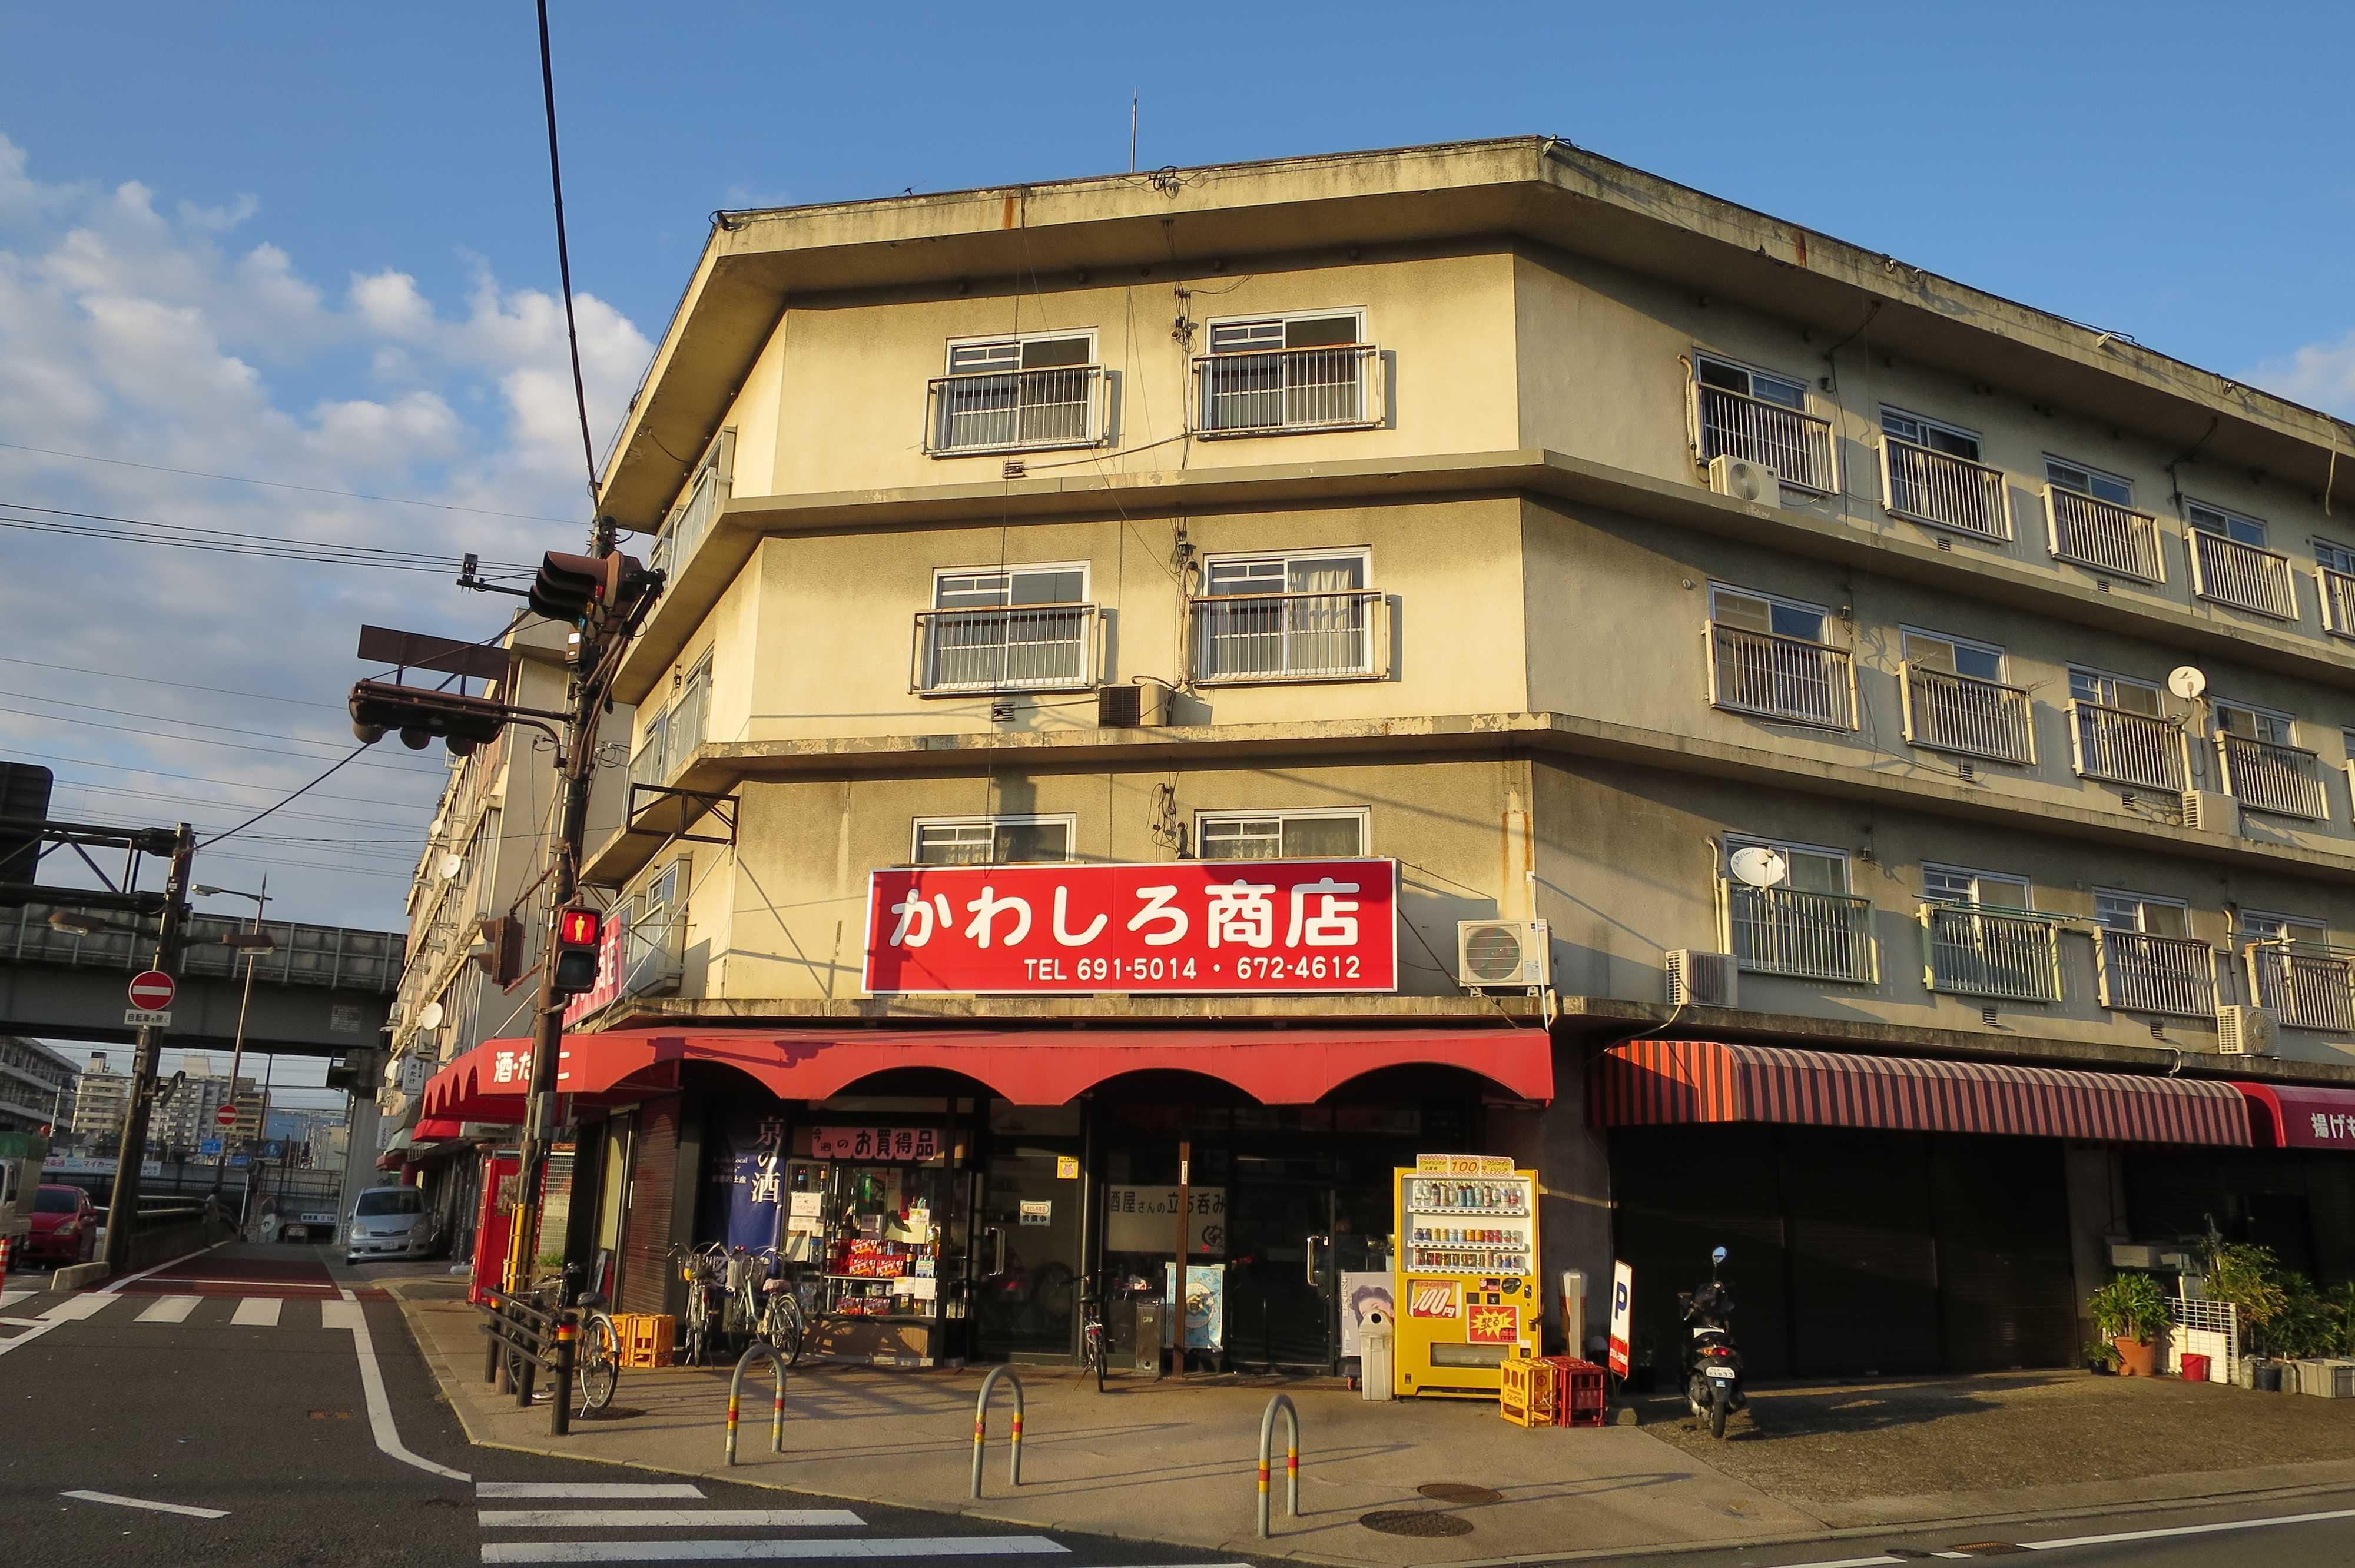 京都・崇仁地区 - かわしろ商店